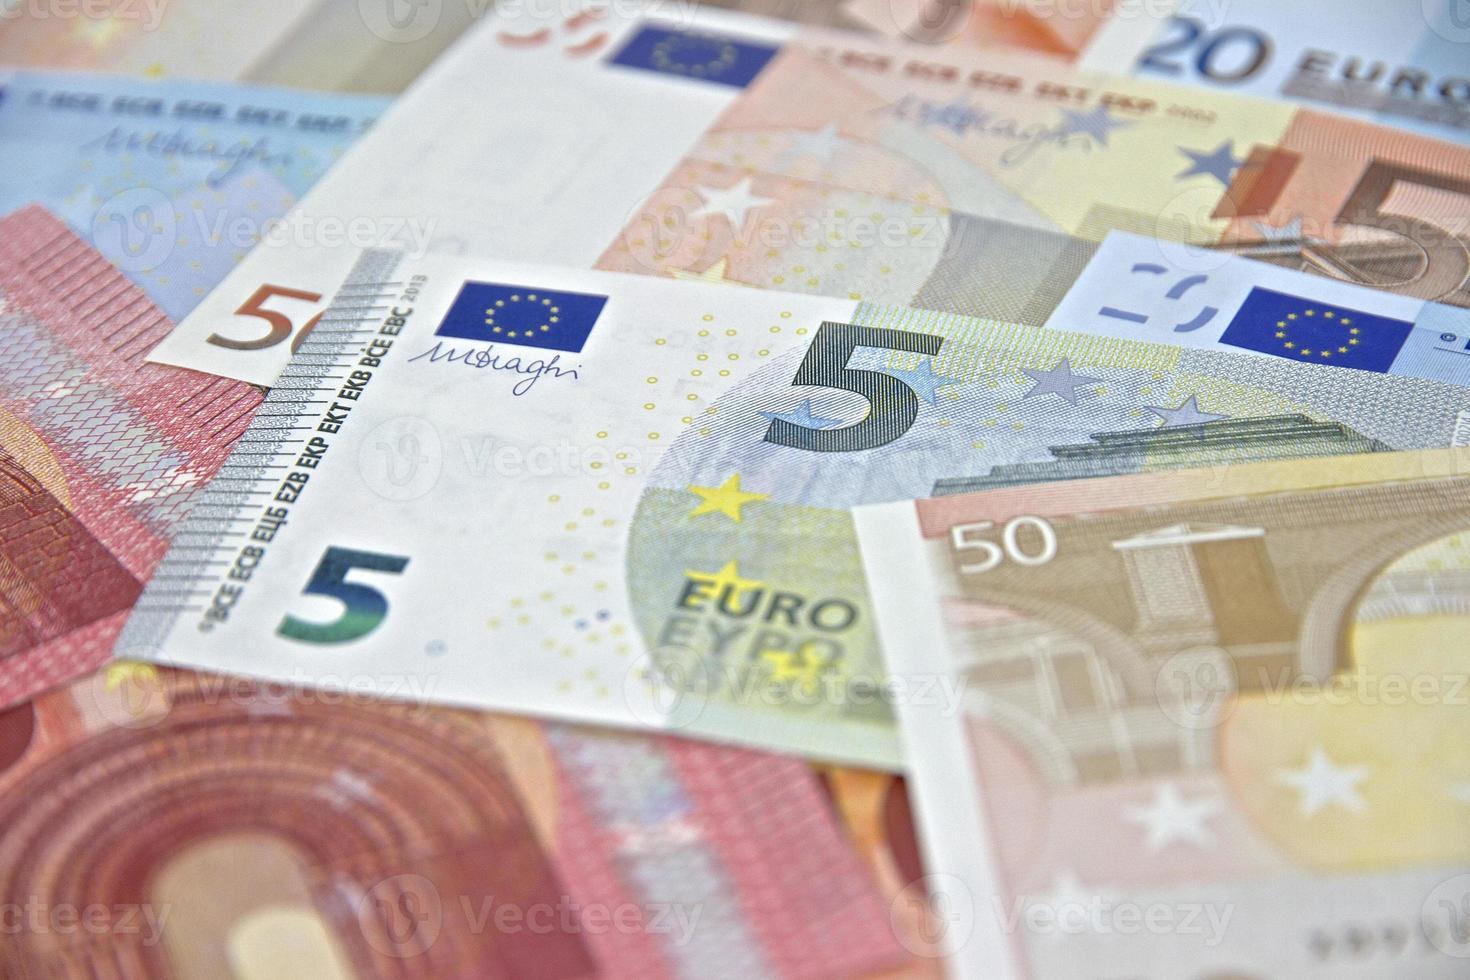 dinheiro - notas de euro - moeda da união europeia foto